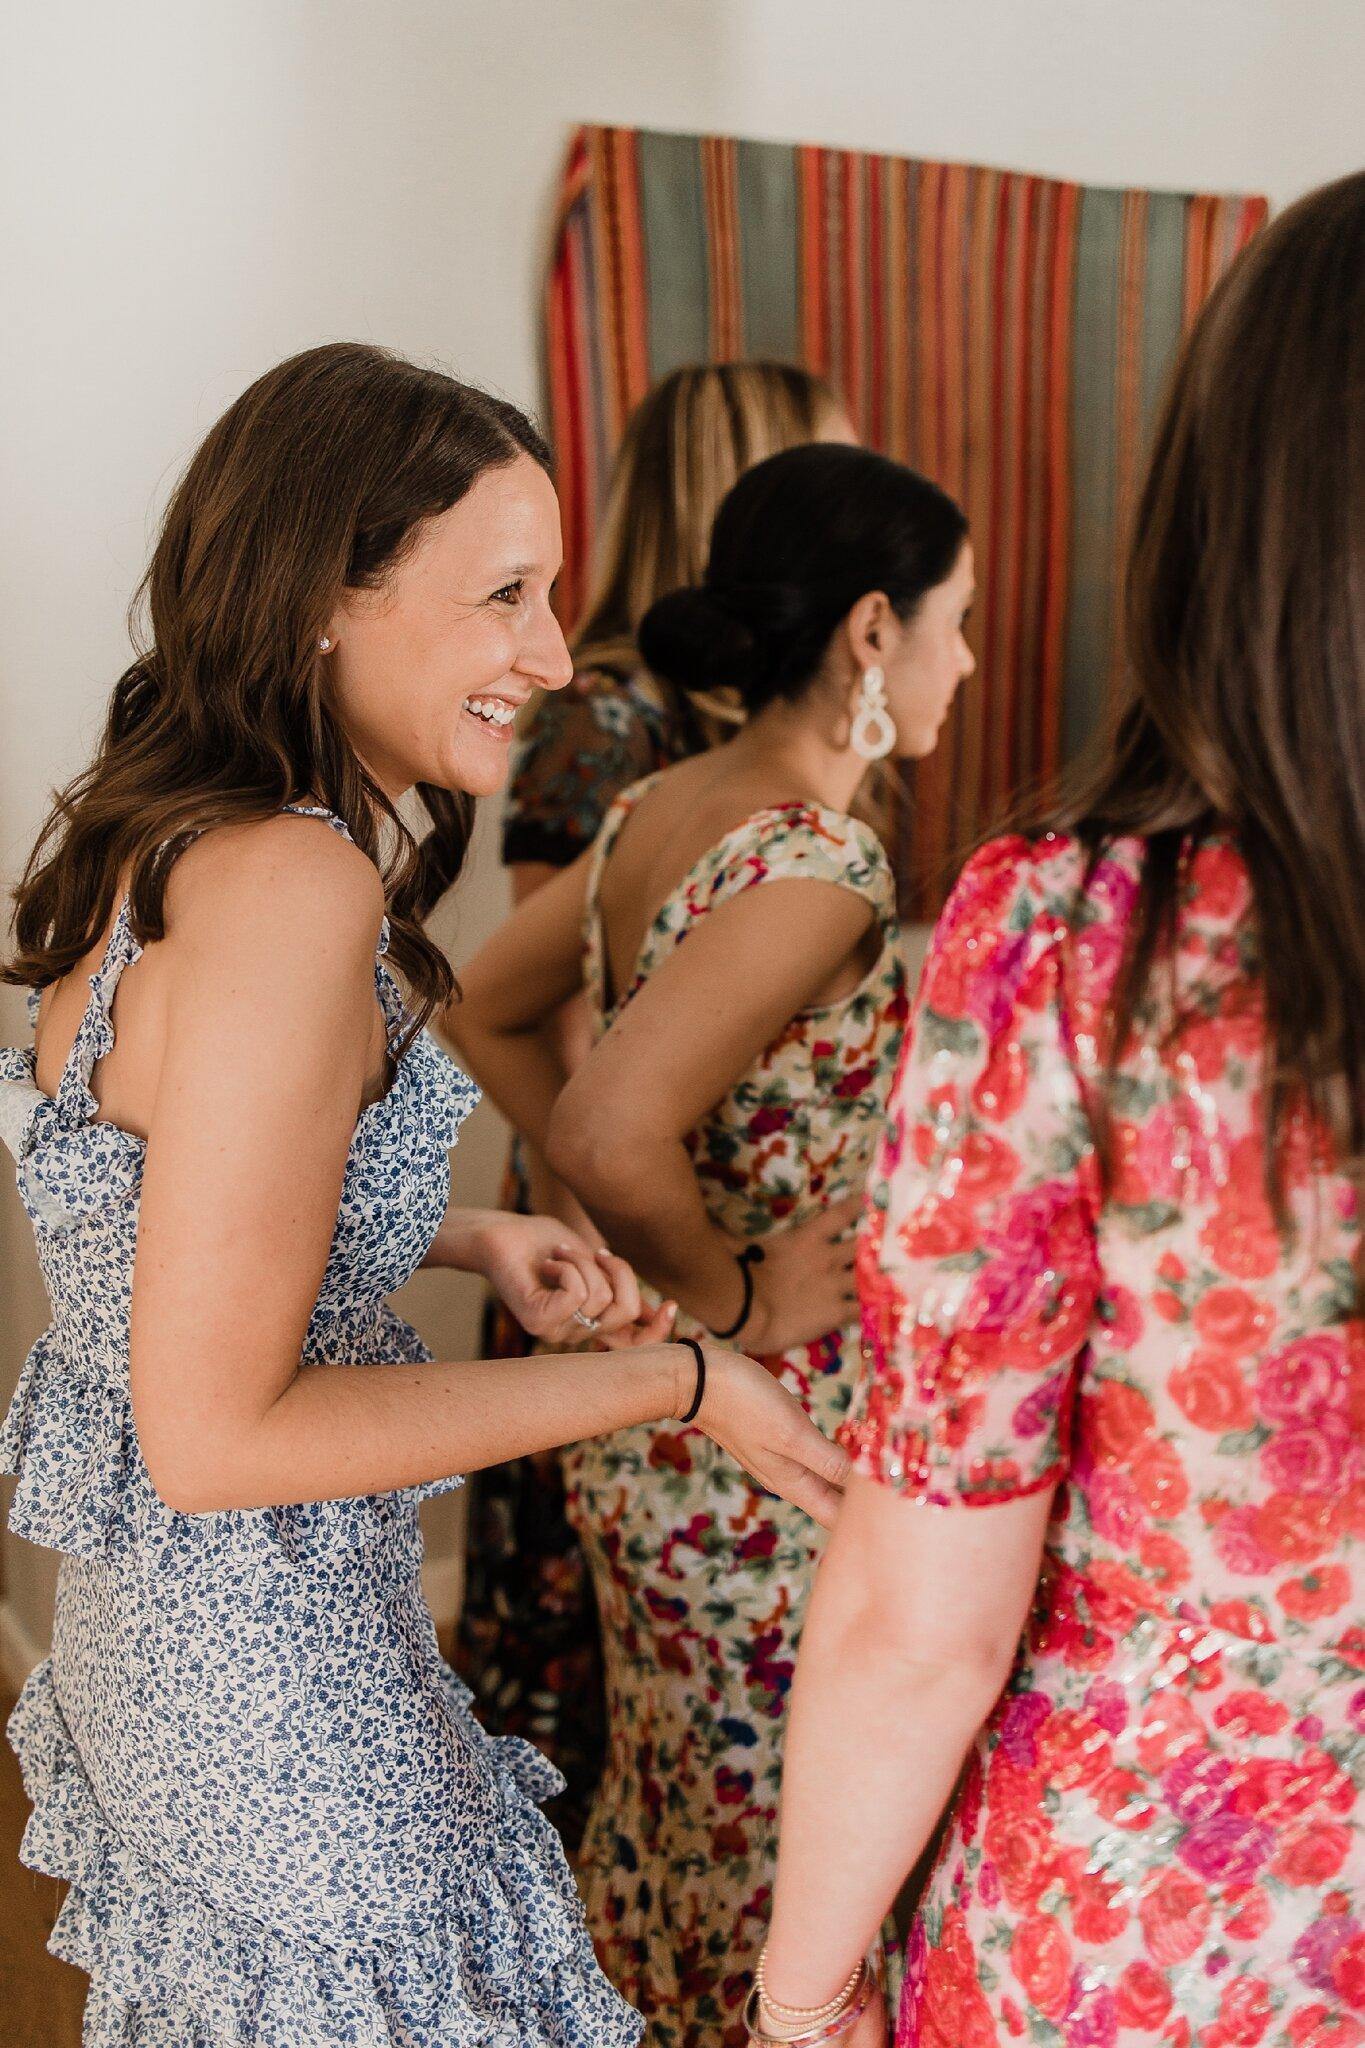 Alicia+lucia+photography+-+albuquerque+wedding+photographer+-+santa+fe+wedding+photography+-+new+mexico+wedding+photographer+-+new+mexico+wedding+-+wedding+-+albuquerque+wedding+-+los+poblanos+-+los+poblanos+wedding+-+fall+wedding_0006.jpg